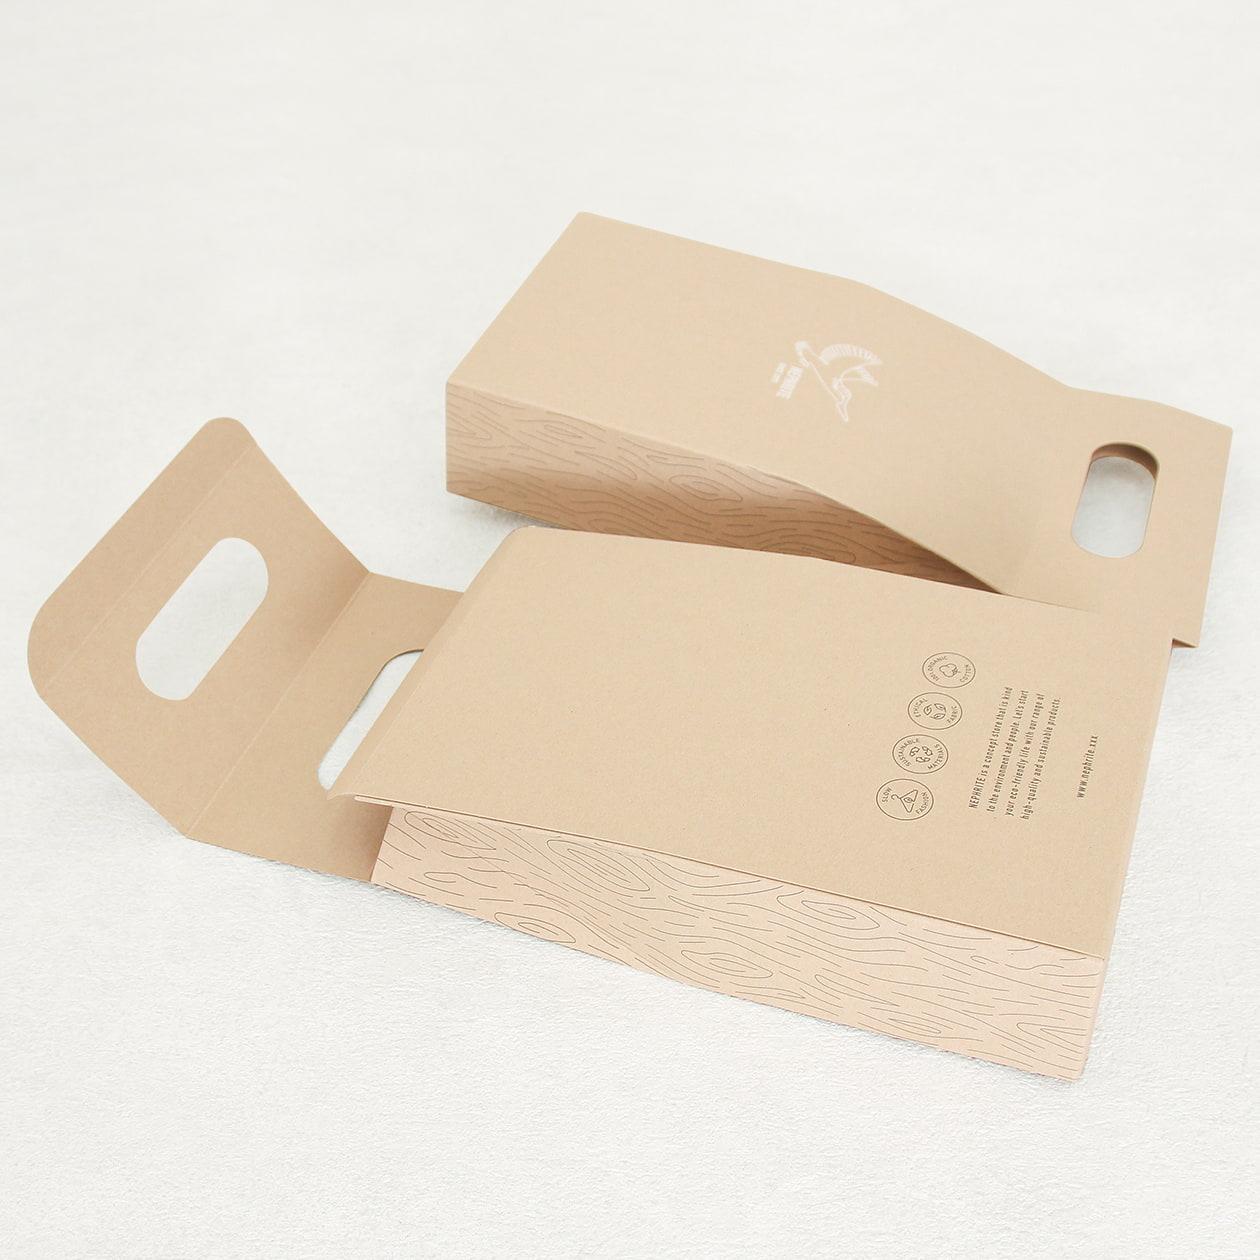 ソックスの持ち手付きギフトパッケージ